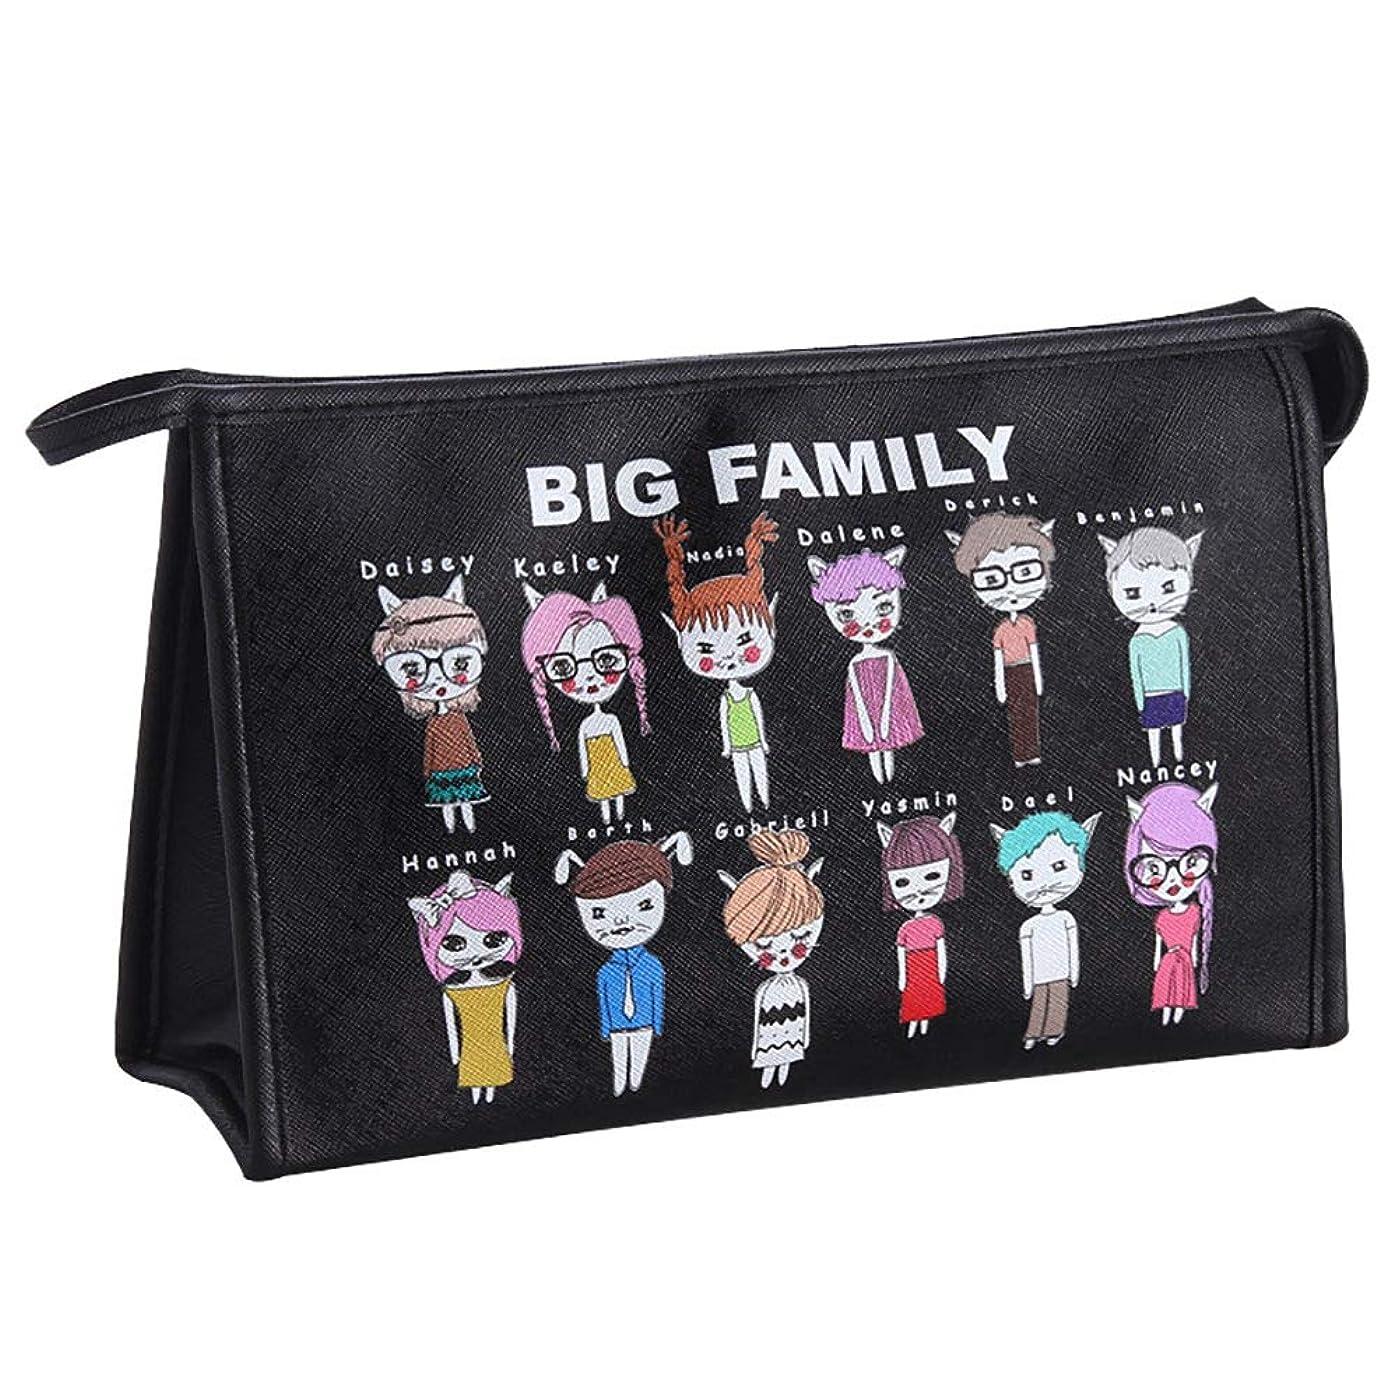 模倣の奪う化粧品バッグ大容量多機能単純な携帯用化粧品袋の収納袋かわいいgirlblack 30 * 9 * 19CM